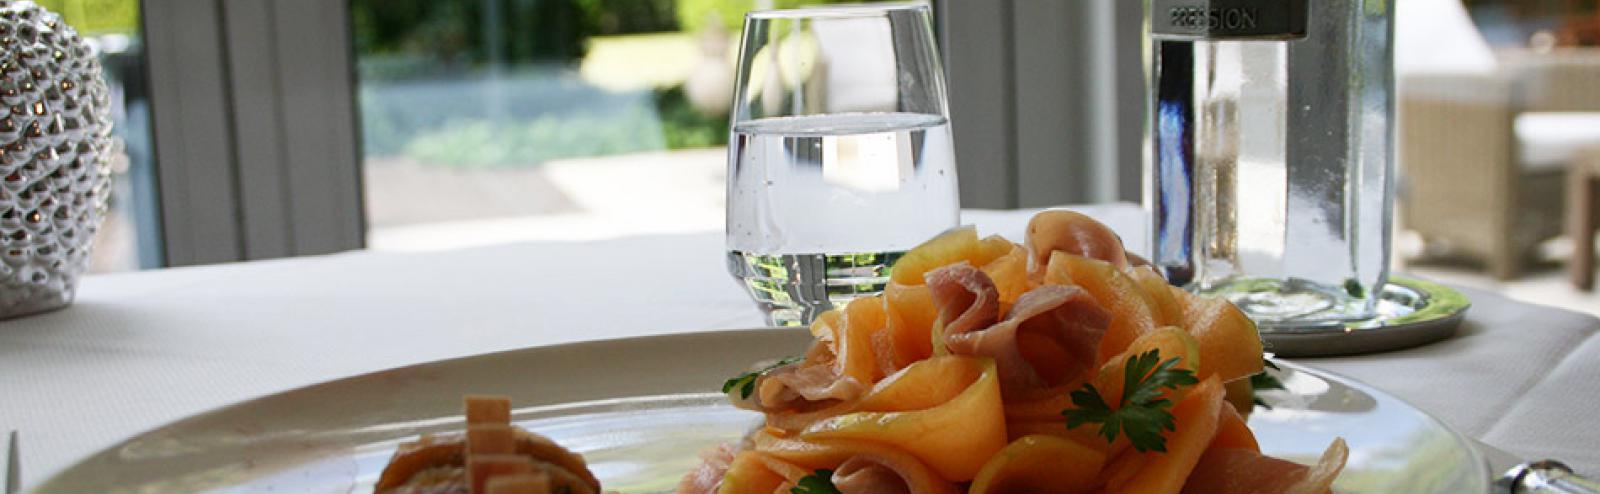 Recette chef, recette melon au porto et jambon cru